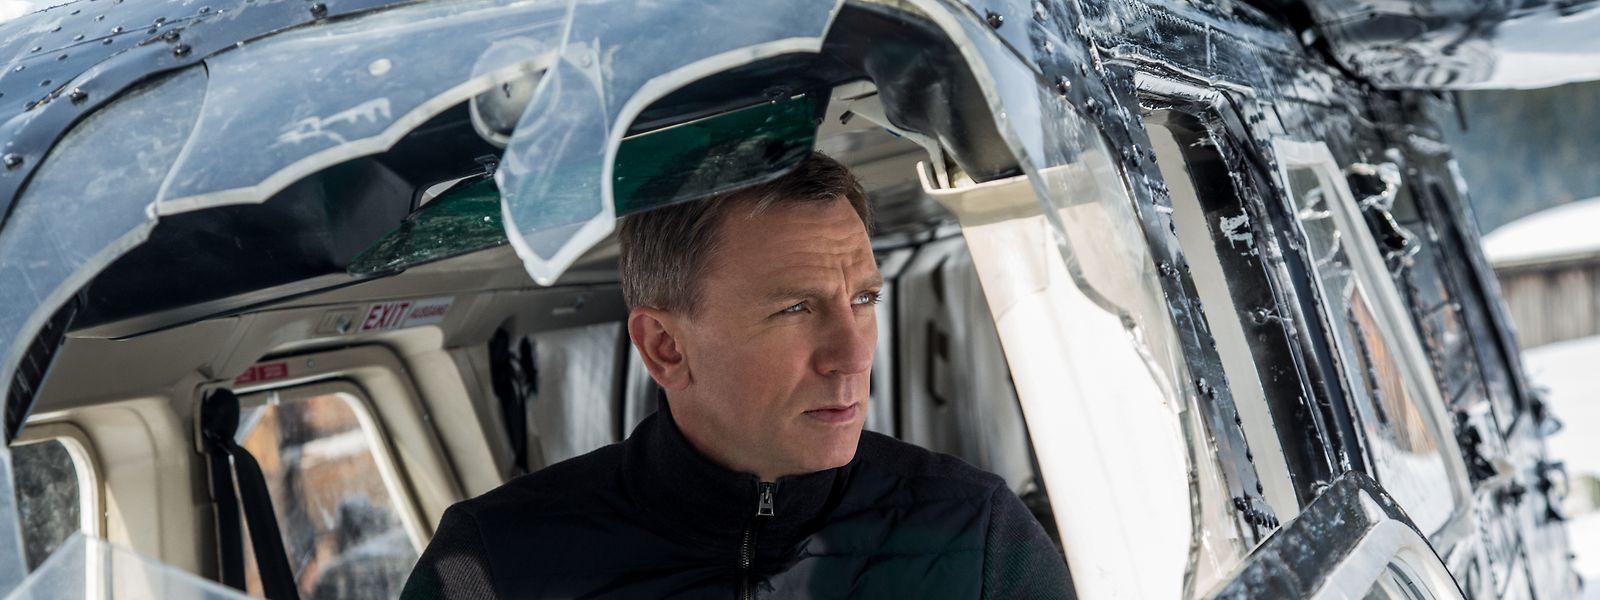 """Am Ende von """"Spectre"""", dem letzten James-Bond-Film, hatte 007, gespielt von Daniel Craig, den Dienst quittiert, kehrt im neuen Film allerdings wieder aus seinem Ruhestand zurück."""